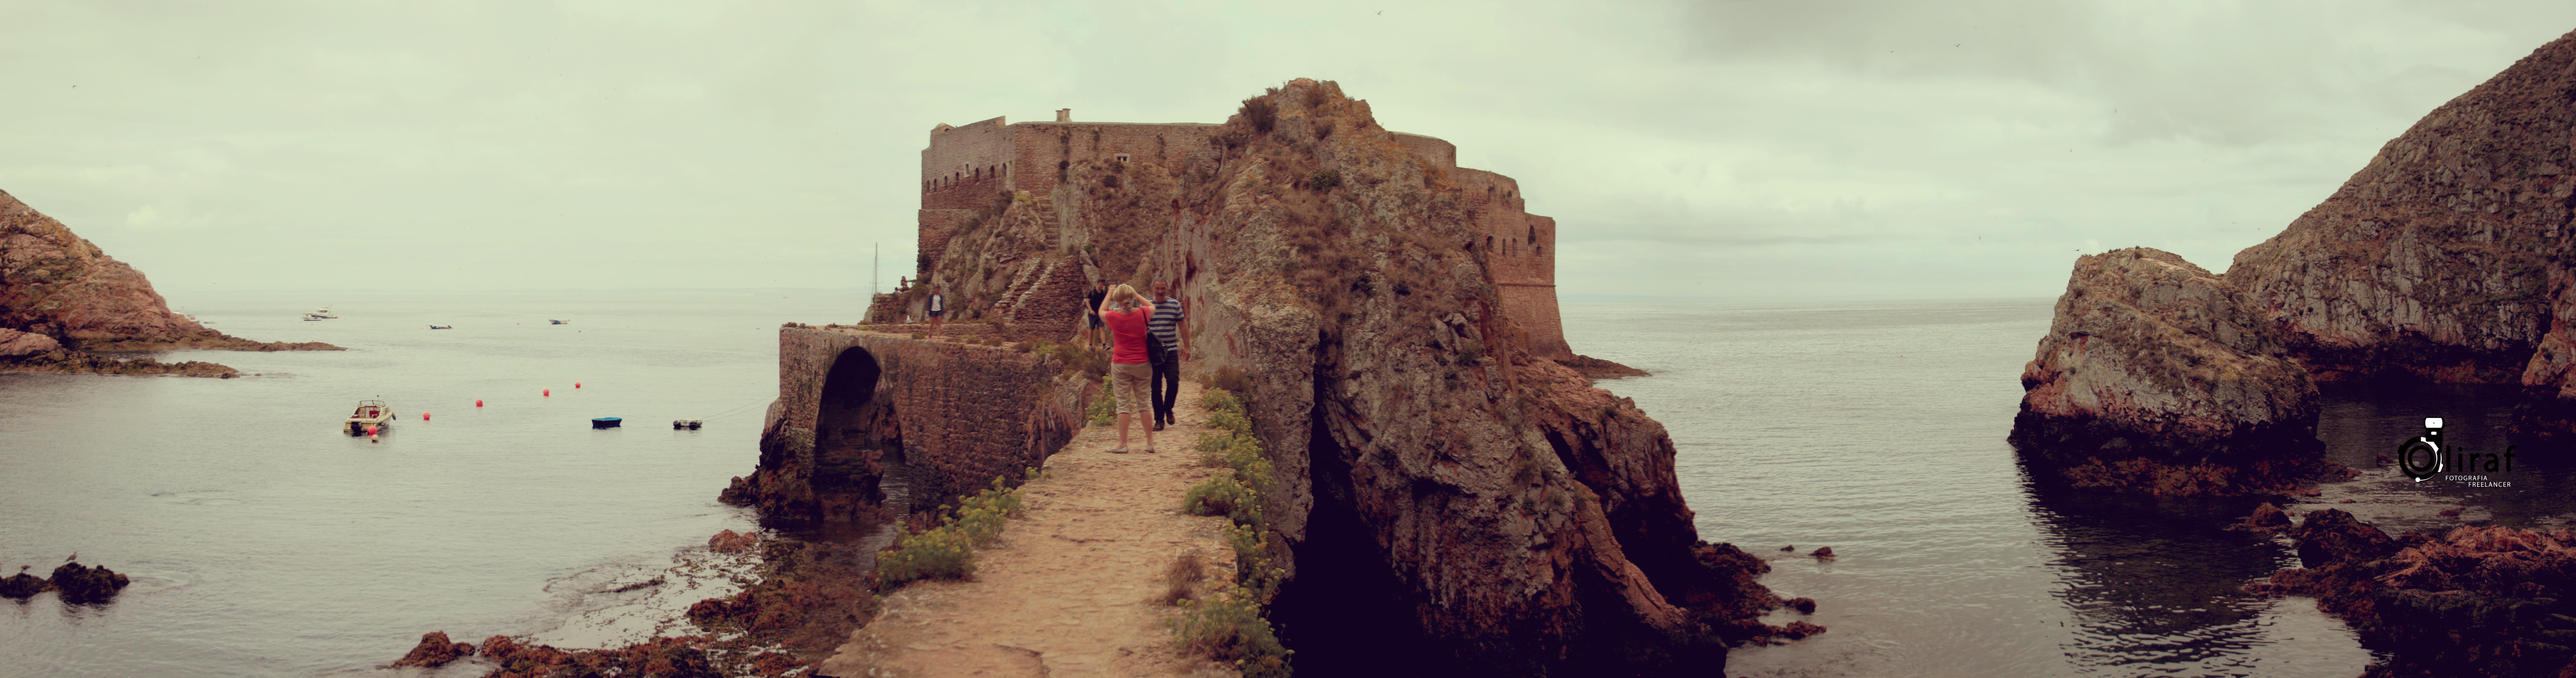 Panorama ForteBerlenga (2)